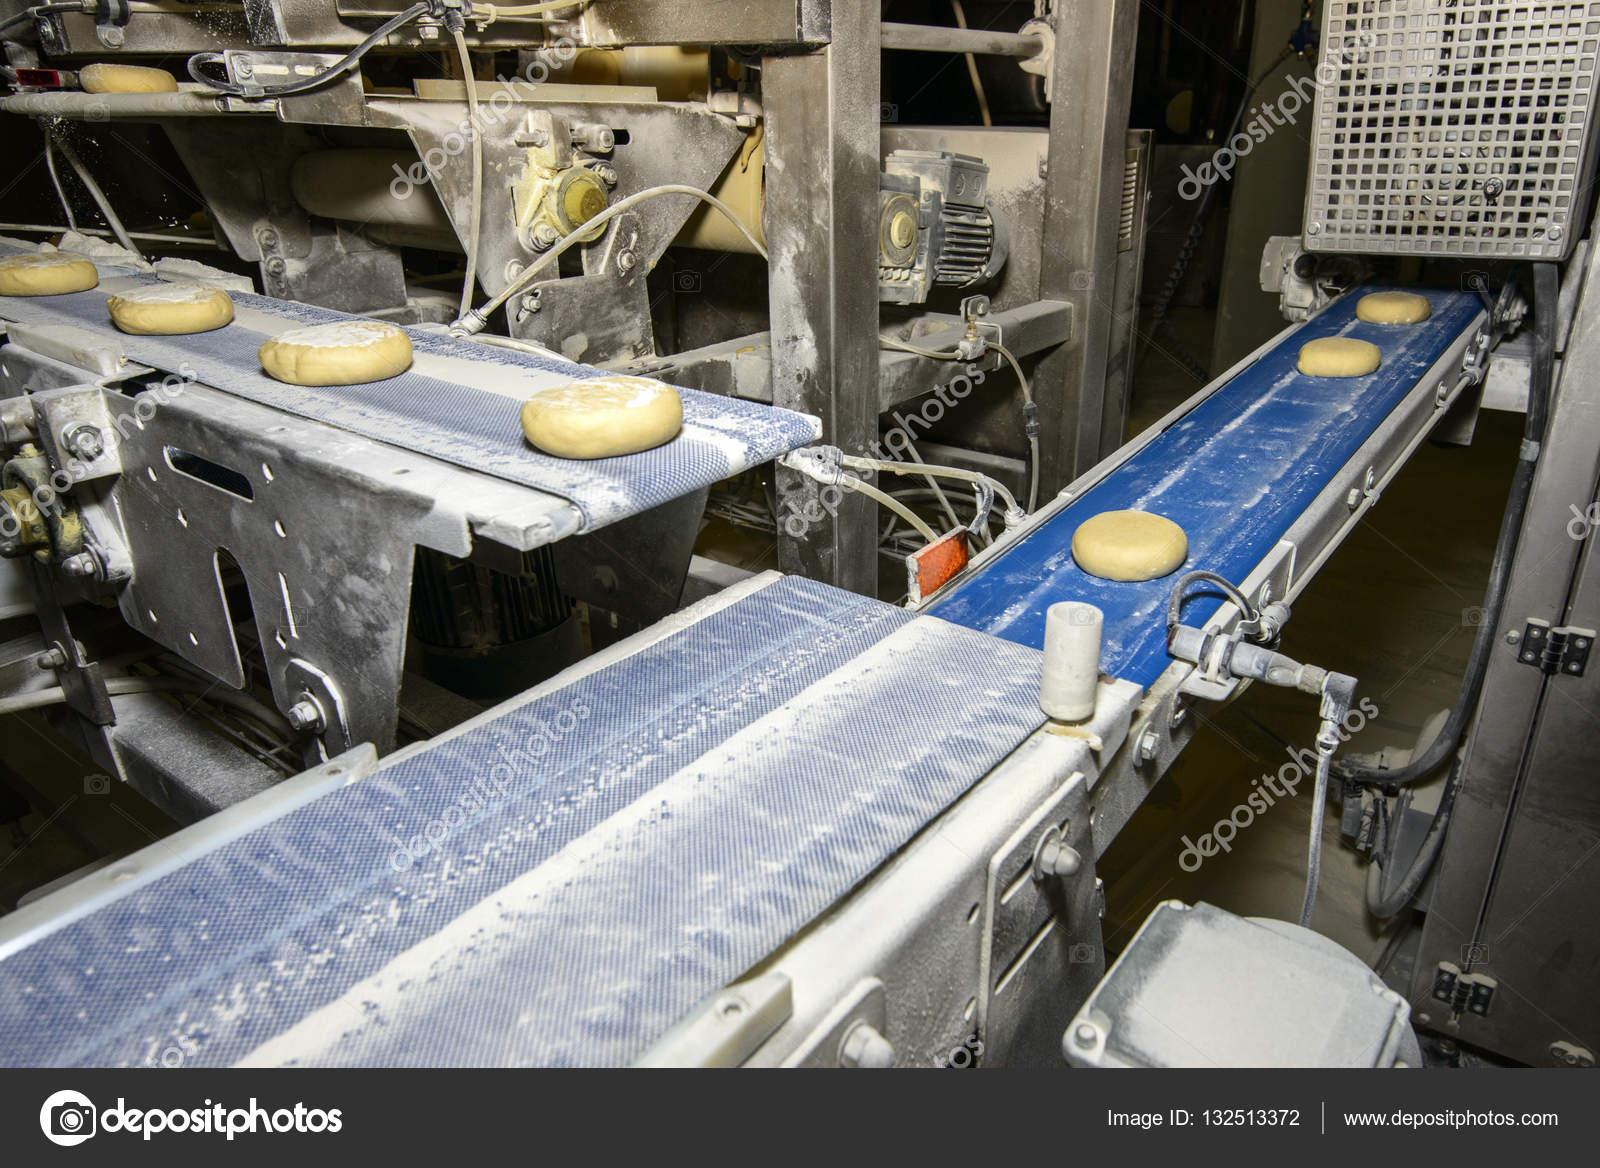 Хлебный конвейер ремонт вебасто фольксваген транспортер